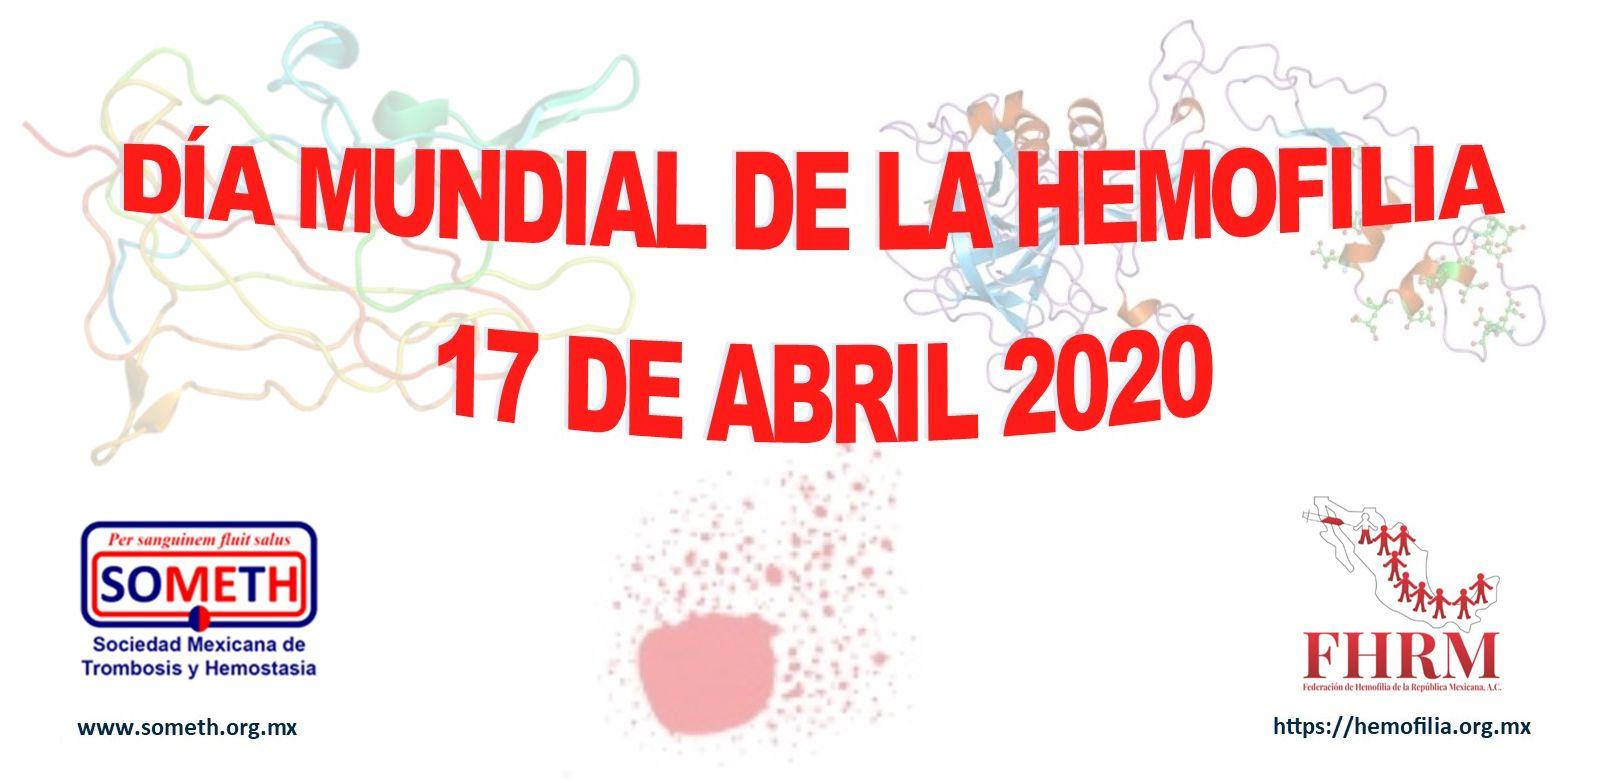 Día Mundial de la Hemofilia 2020